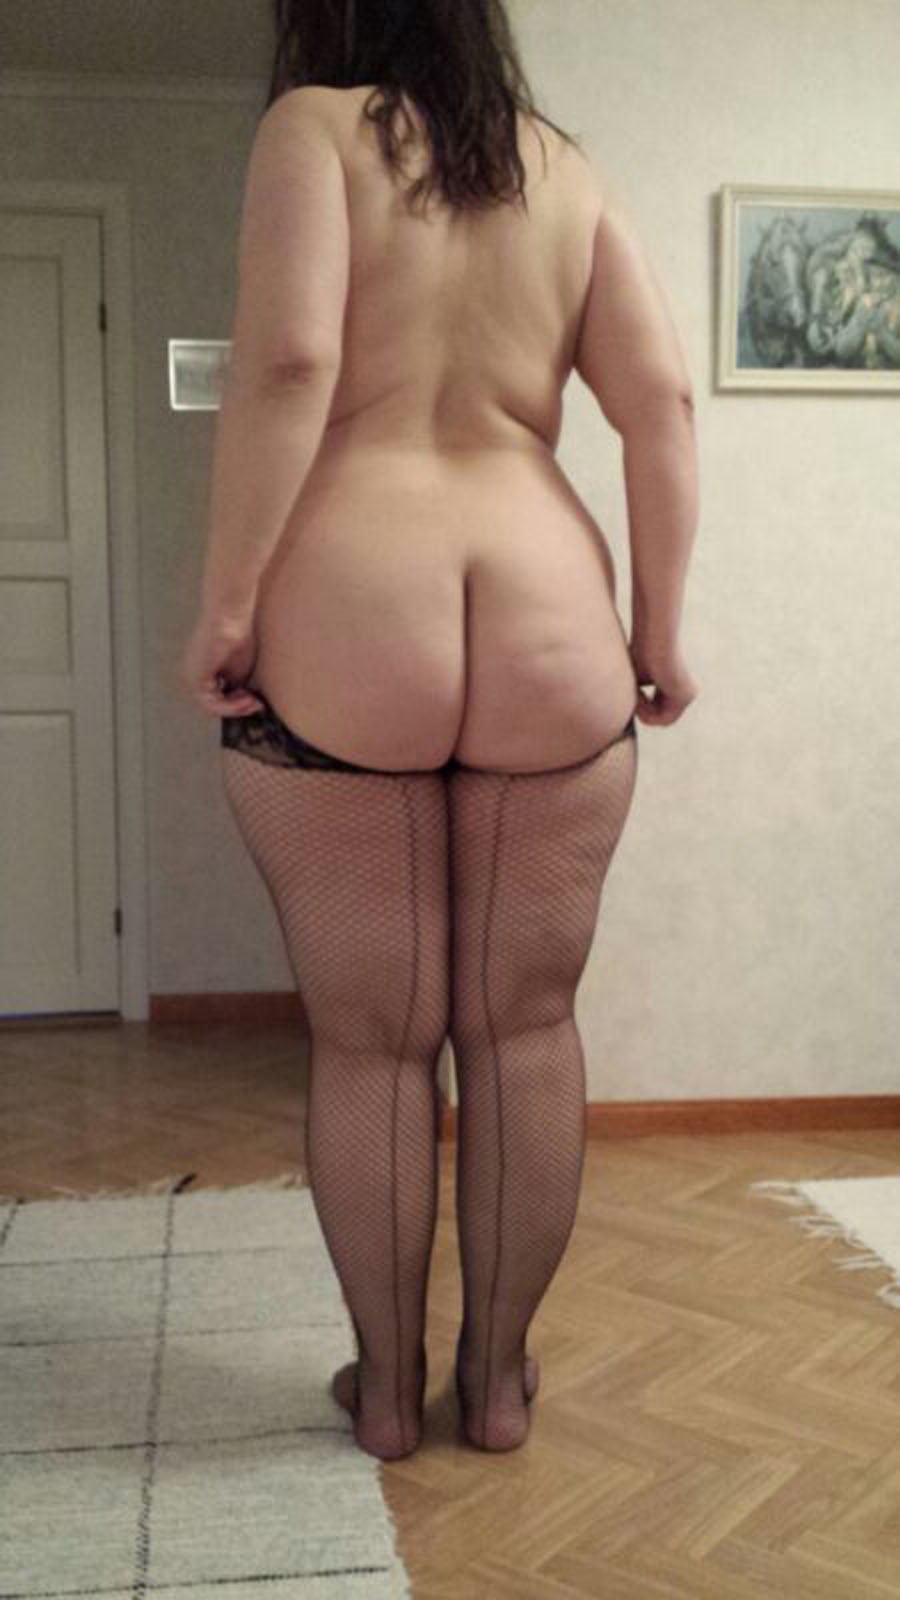 butt naked white women pics gallery - aijima